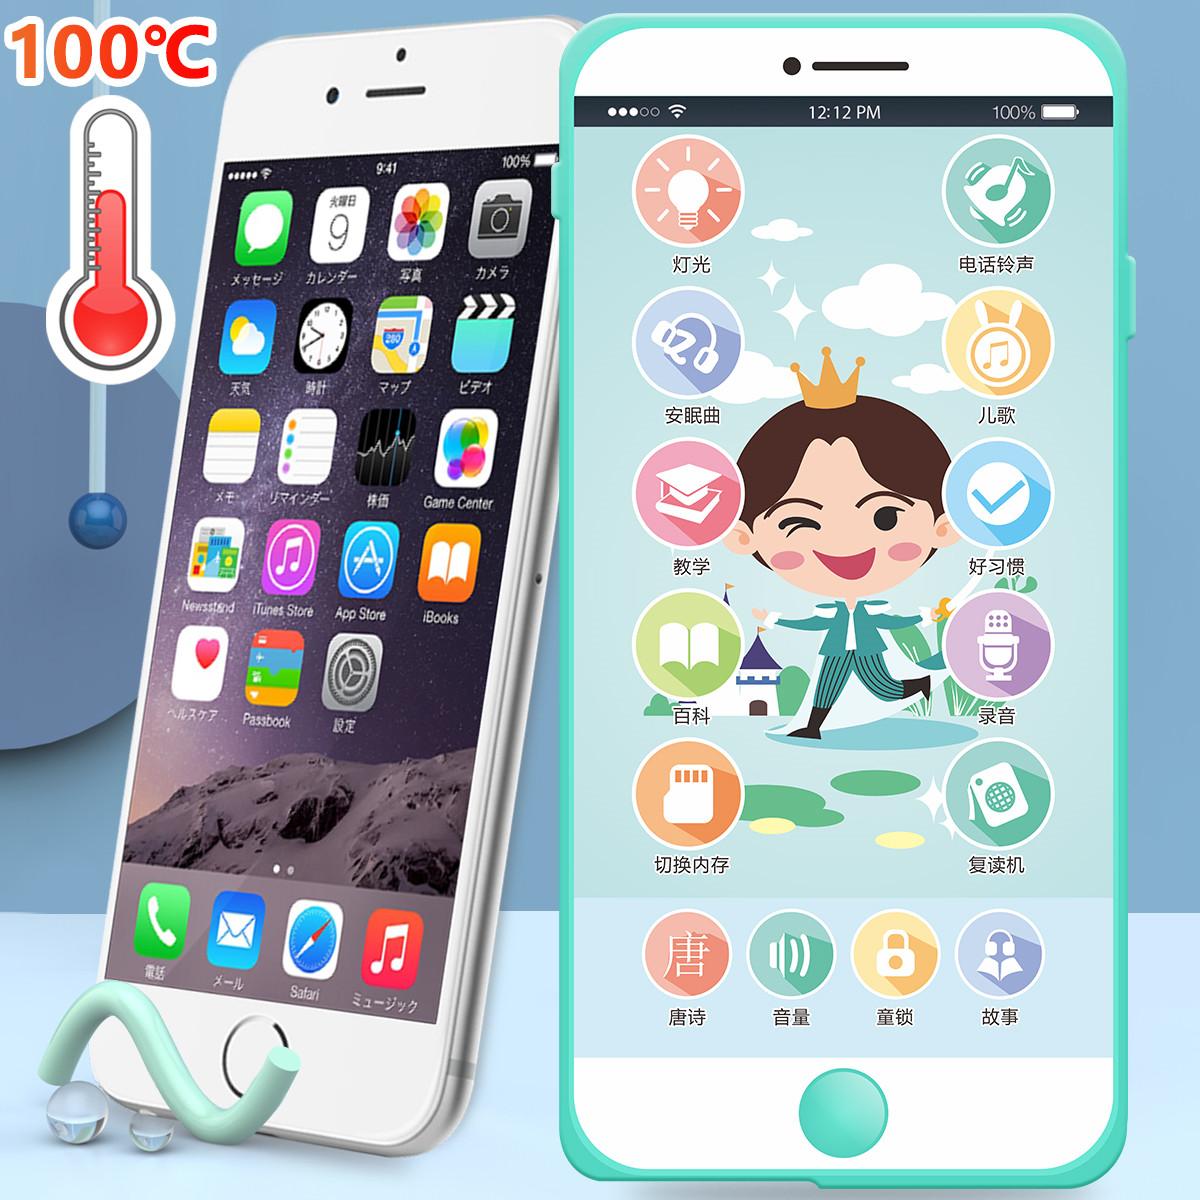 可充电触屏咬手机仿真玩具宝宝模型小孩益智儿童女孩男孩电话婴儿